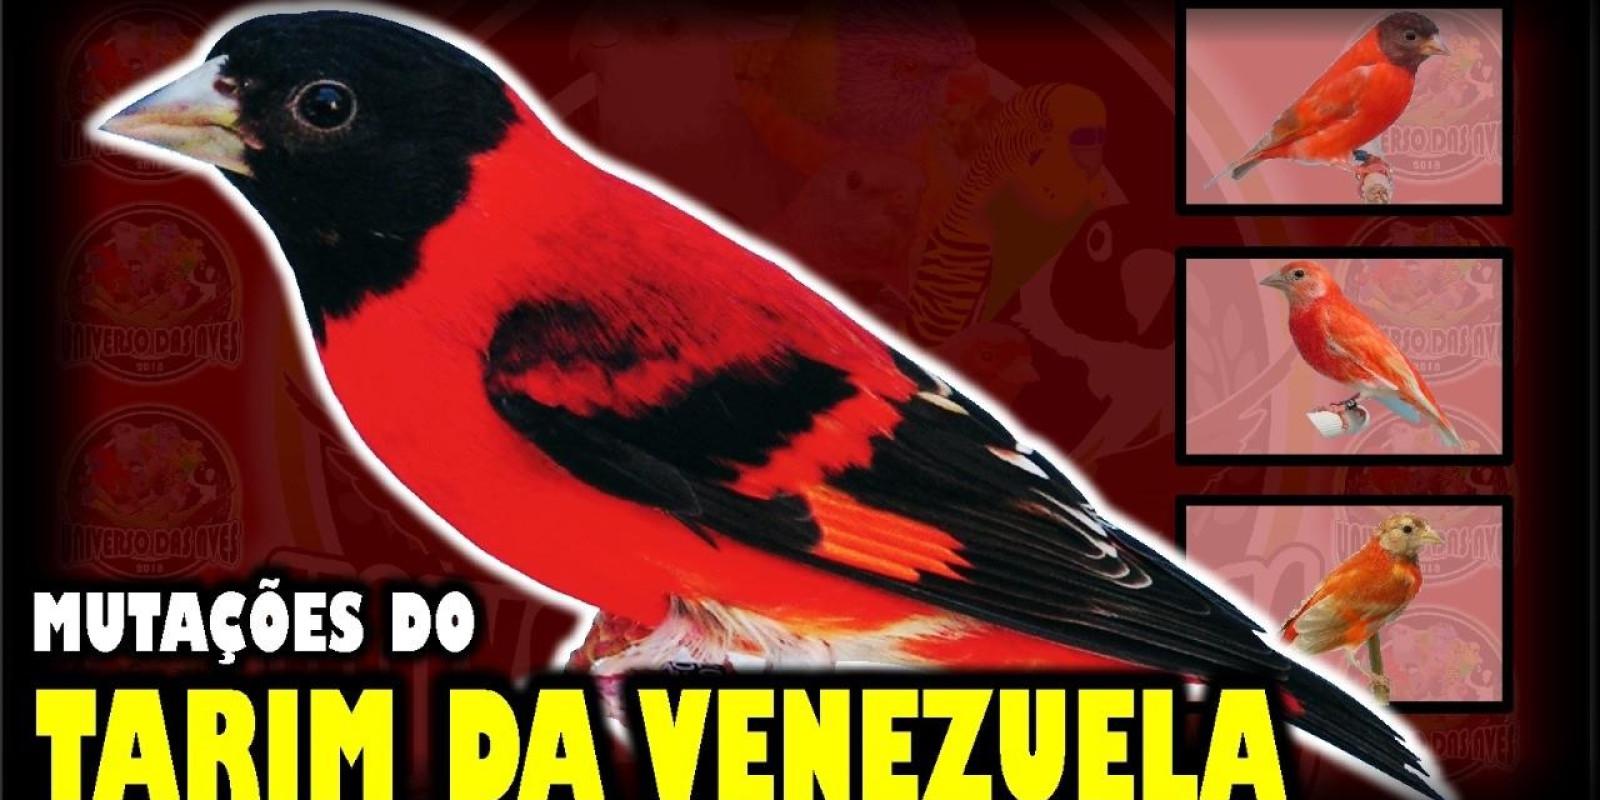 Tarim da Venezuela e Suas Mutações